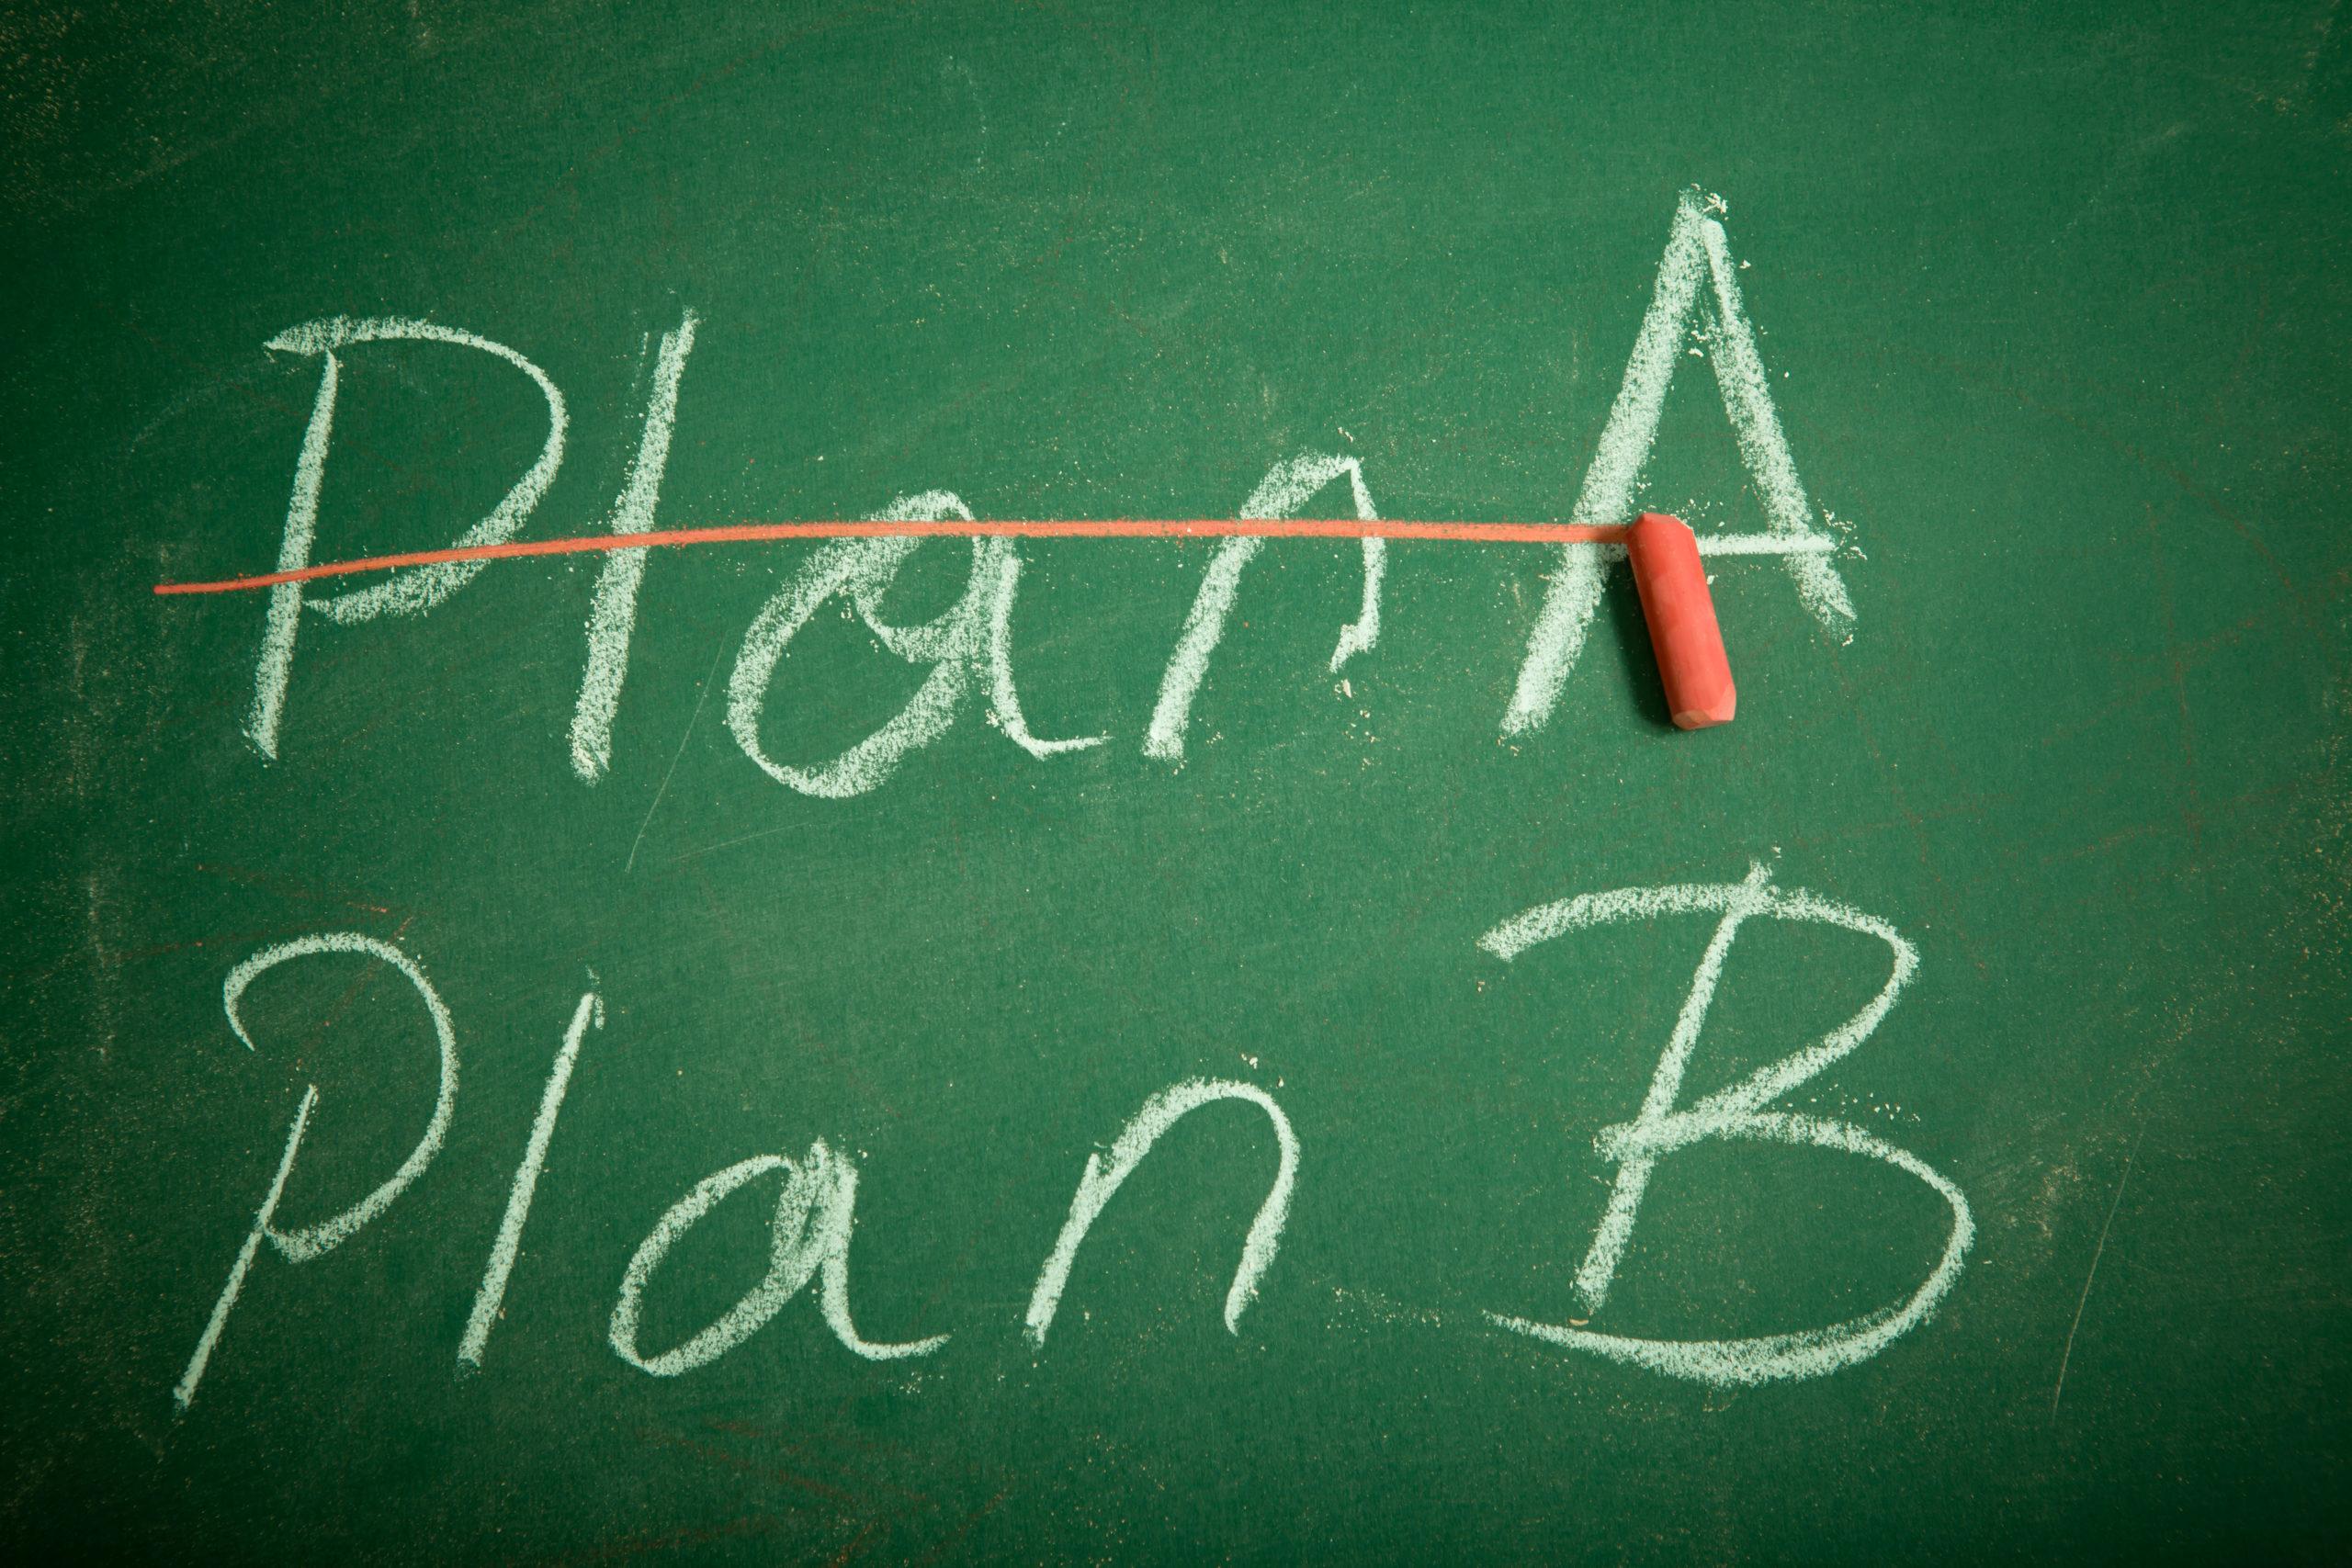 Plan A/Plan B